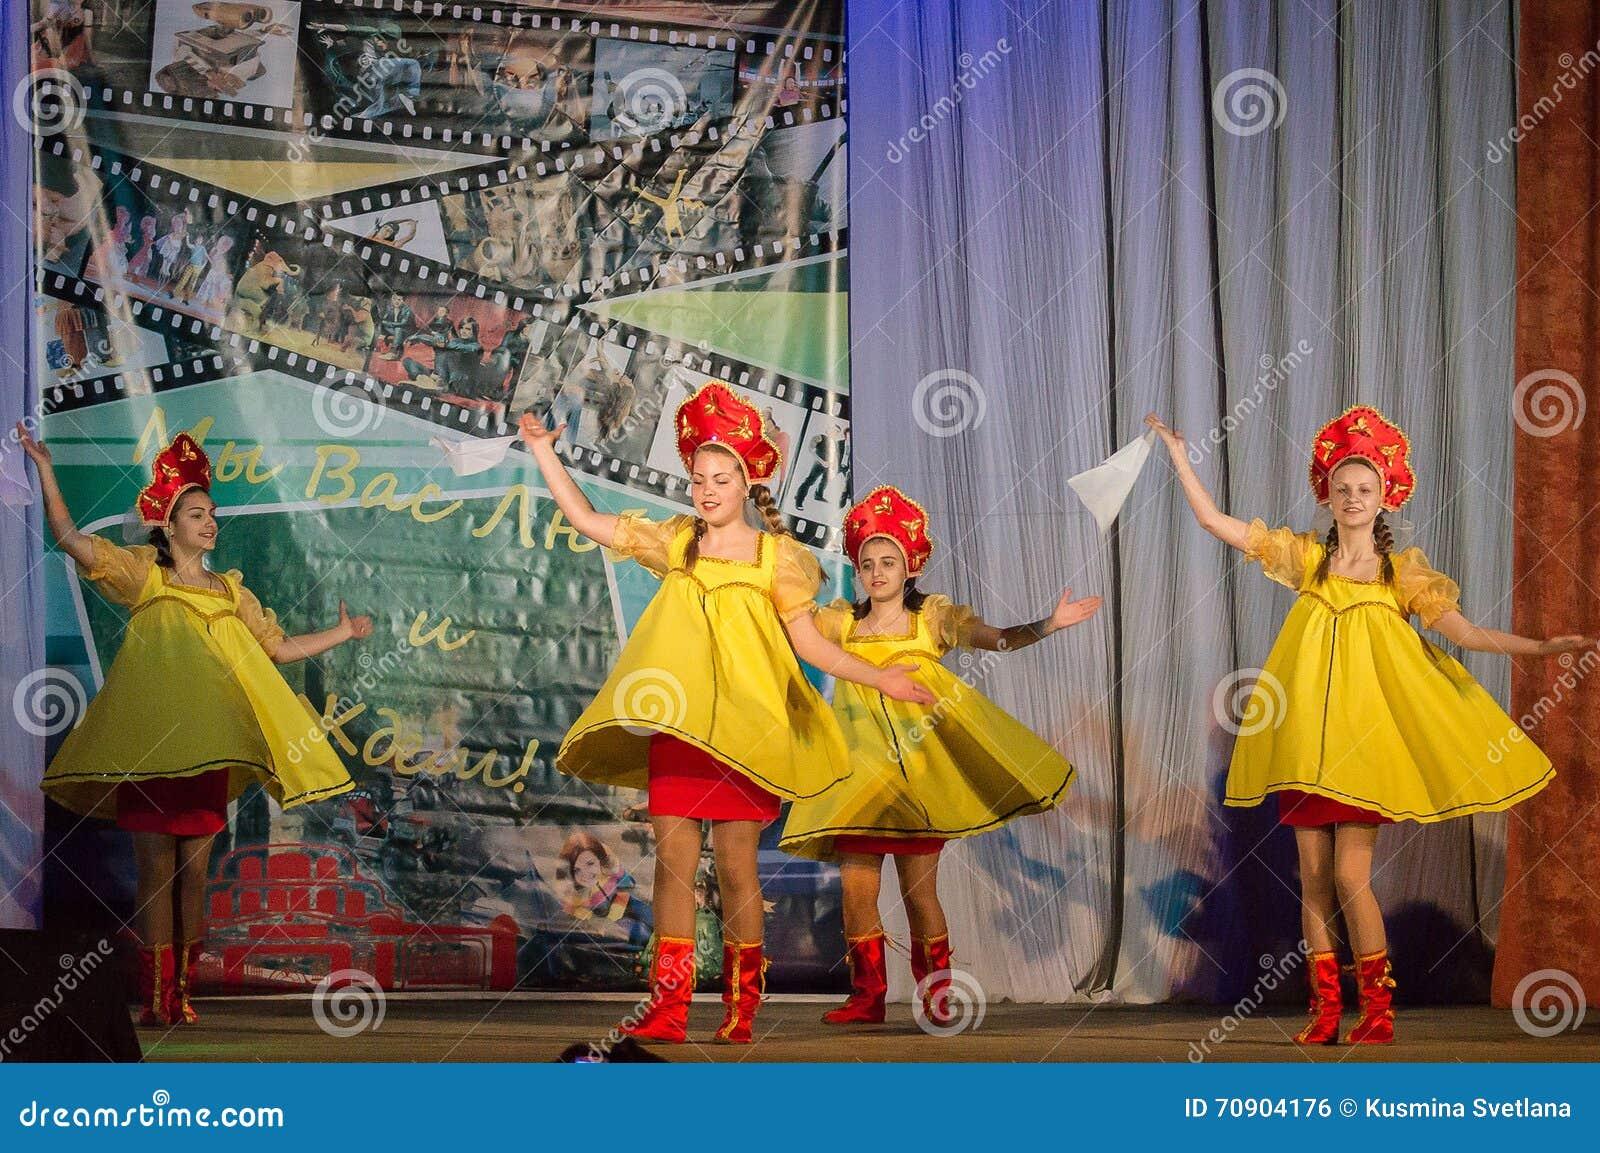 Dancing in Kaluga 93